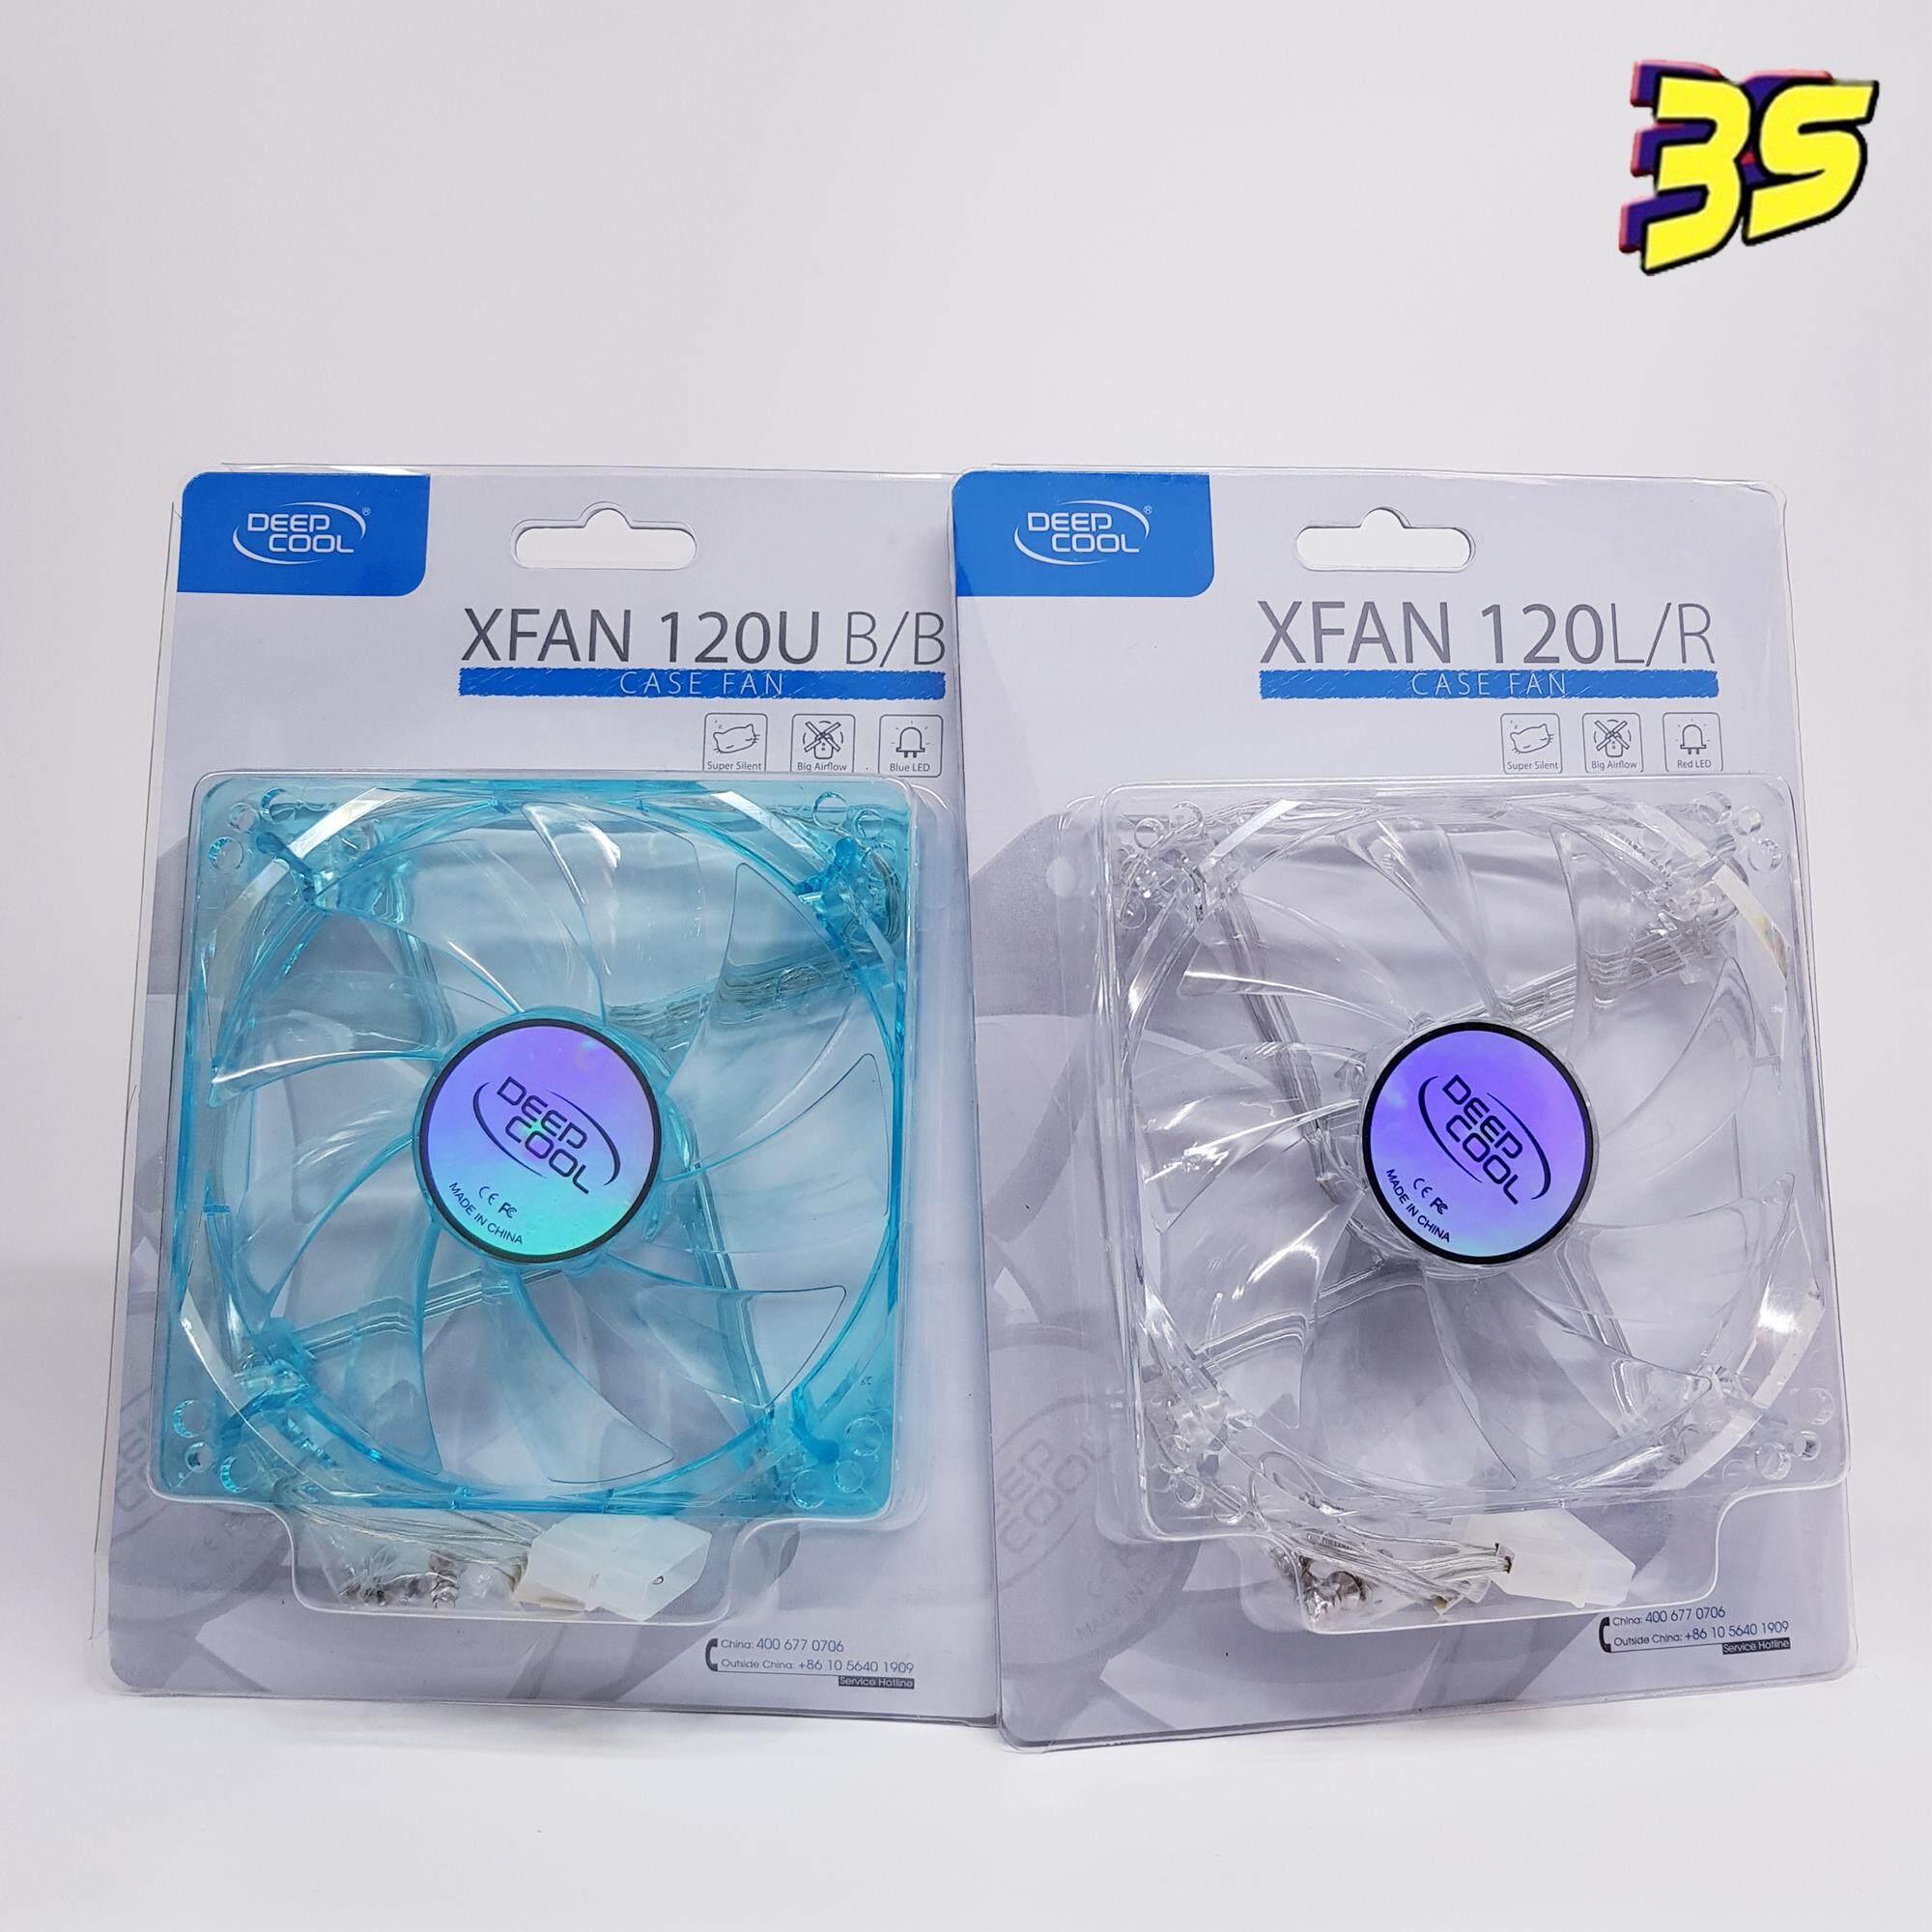 Sell Deepcool Gf140 Case Cheapest Best Quality My Store Xfan 12cm Casing Fan Red Led Dc Xfan80myr16 Myr 37